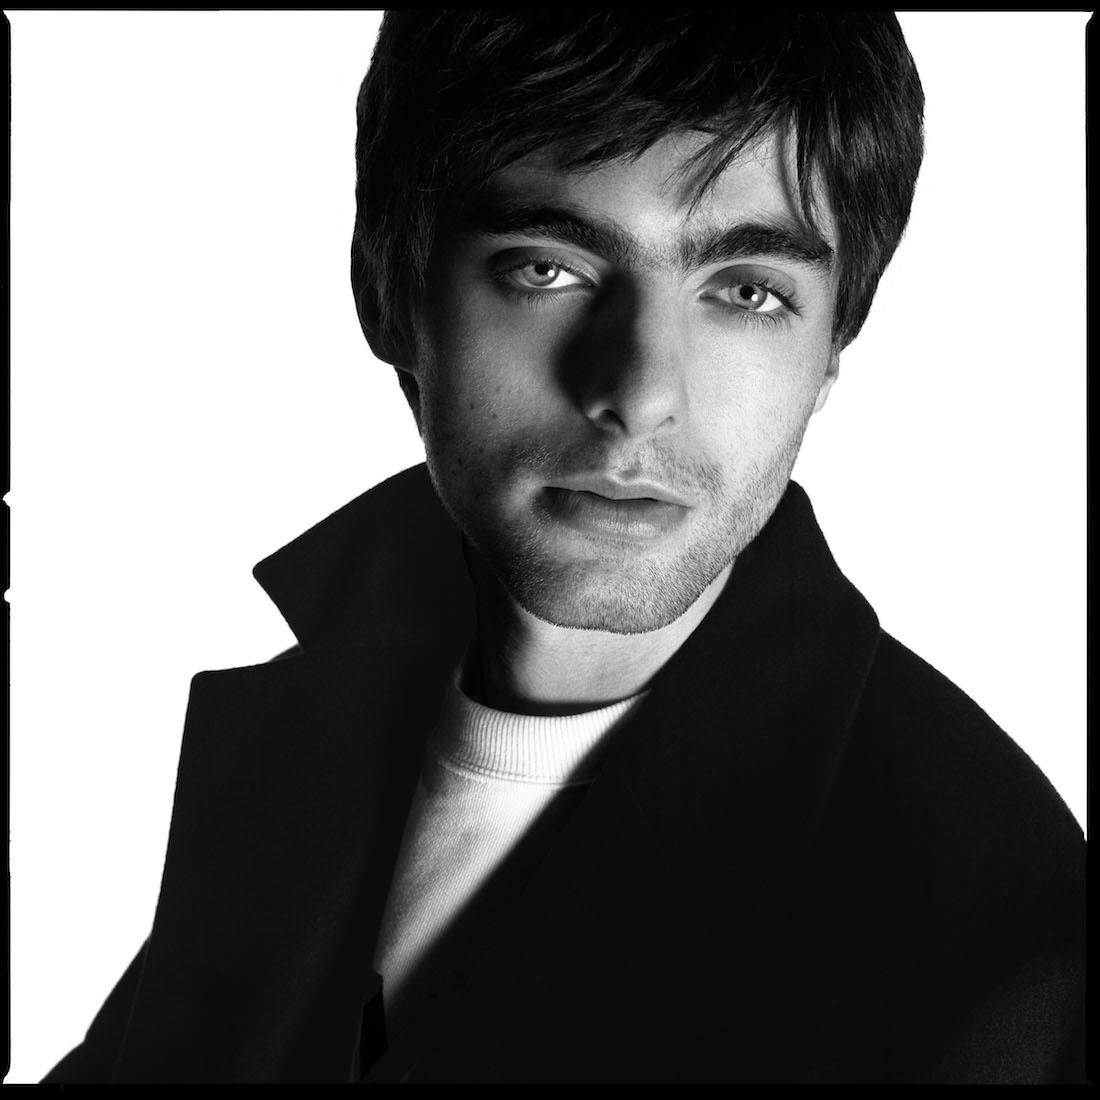 177 5619 Lennon Gallagher Zara Man AC 9 zoom